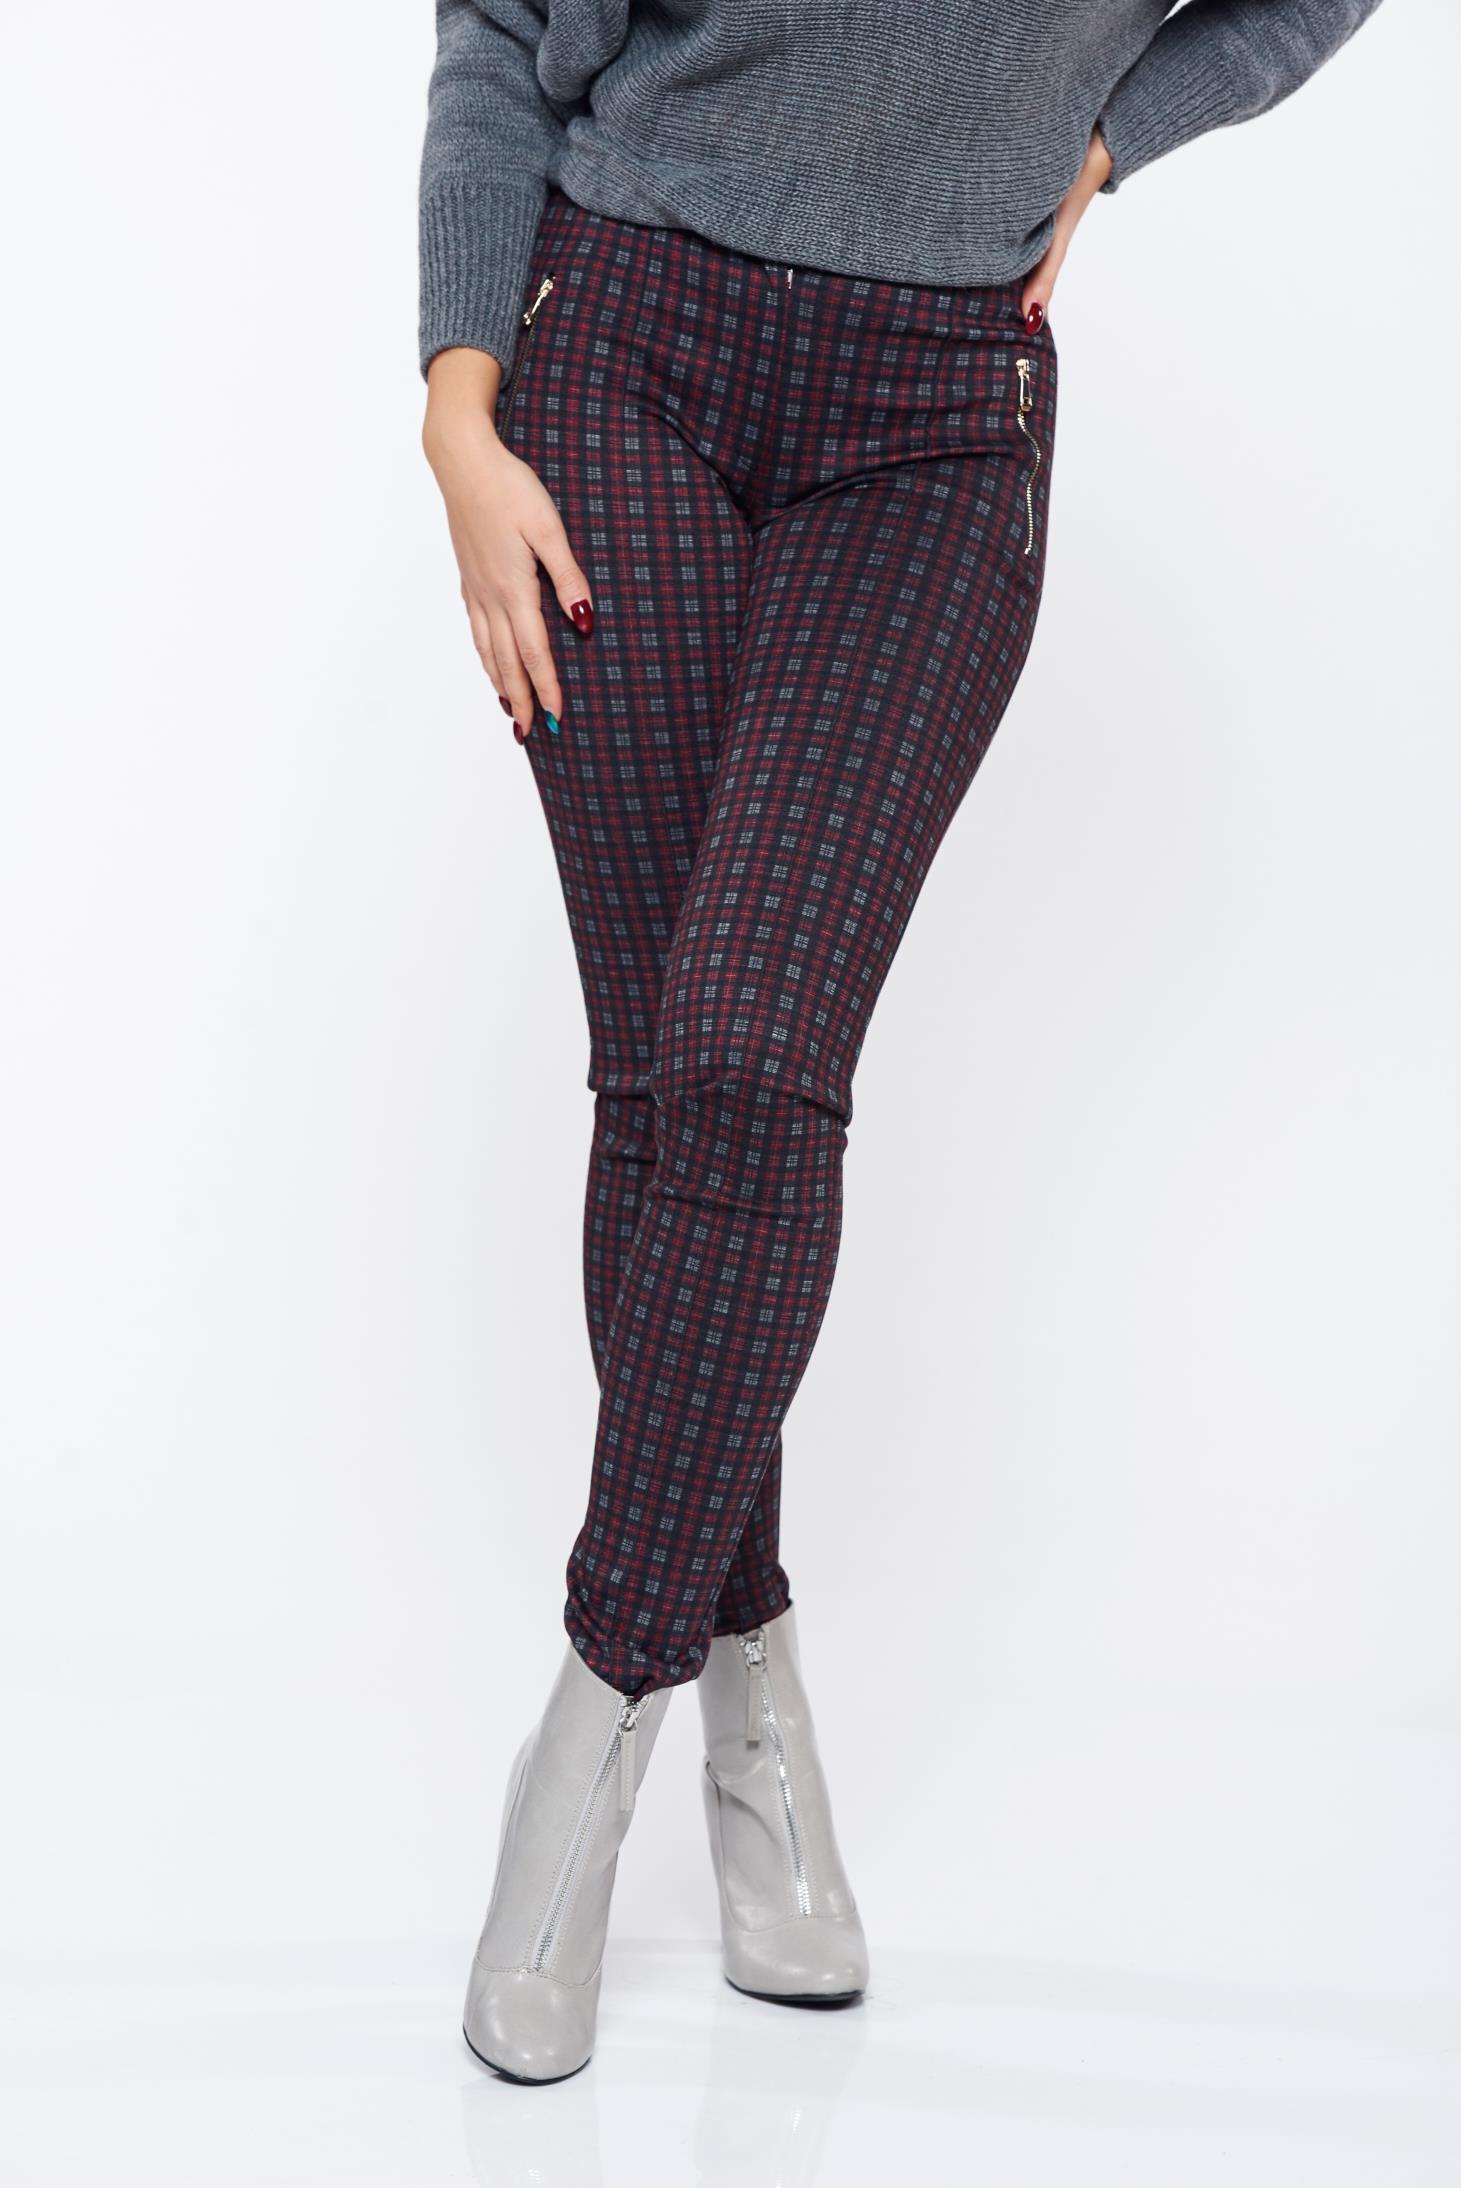 Pantaloni LaDonna visinii office conici cu talie medie carouri